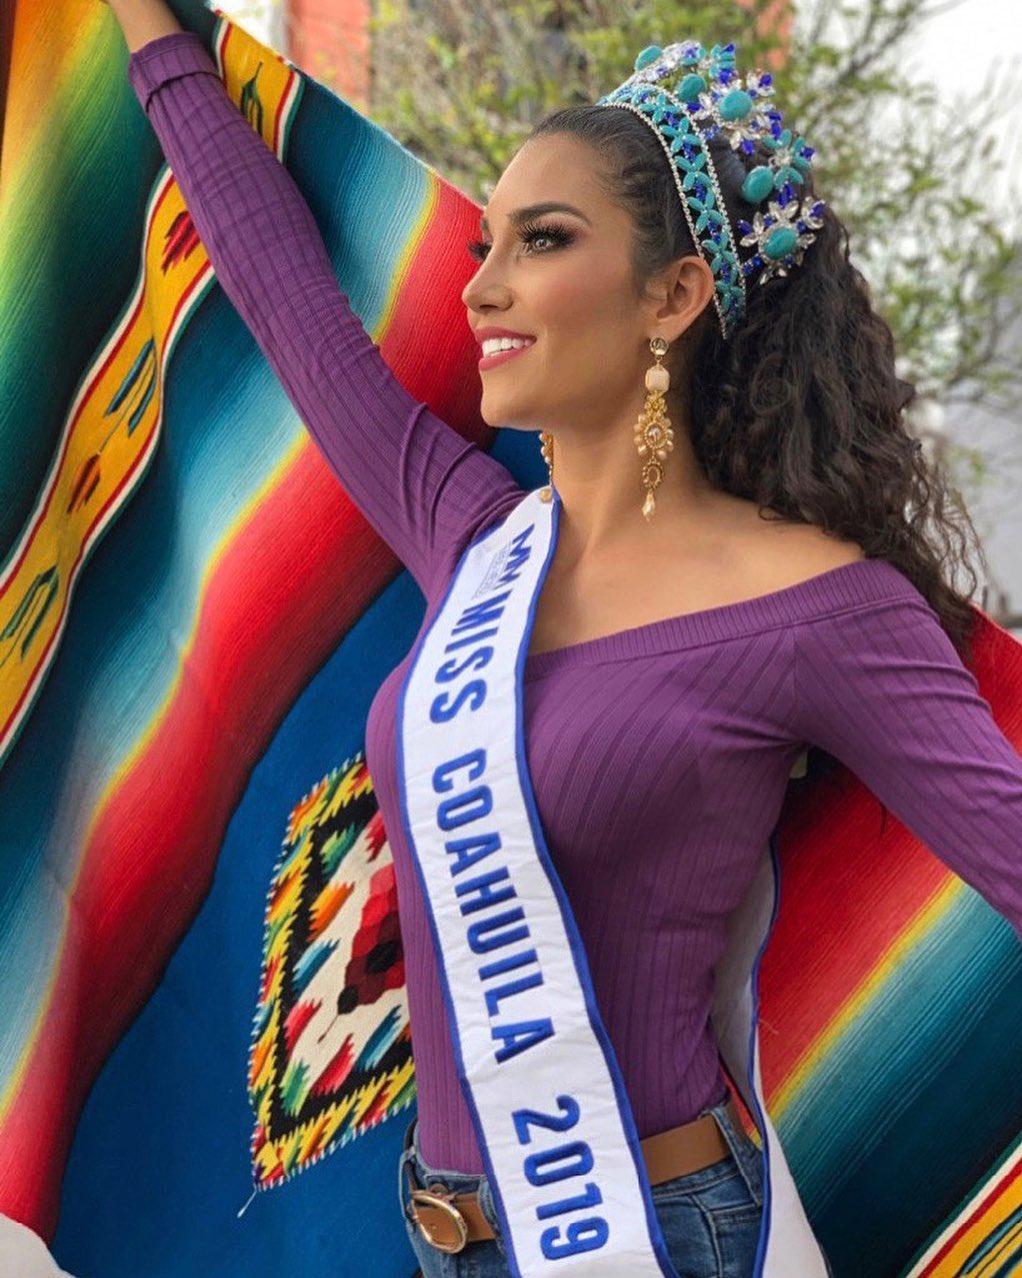 georgina vargas, candidata a miss mexico 2020, representando coahuila. - Página 4 84049811